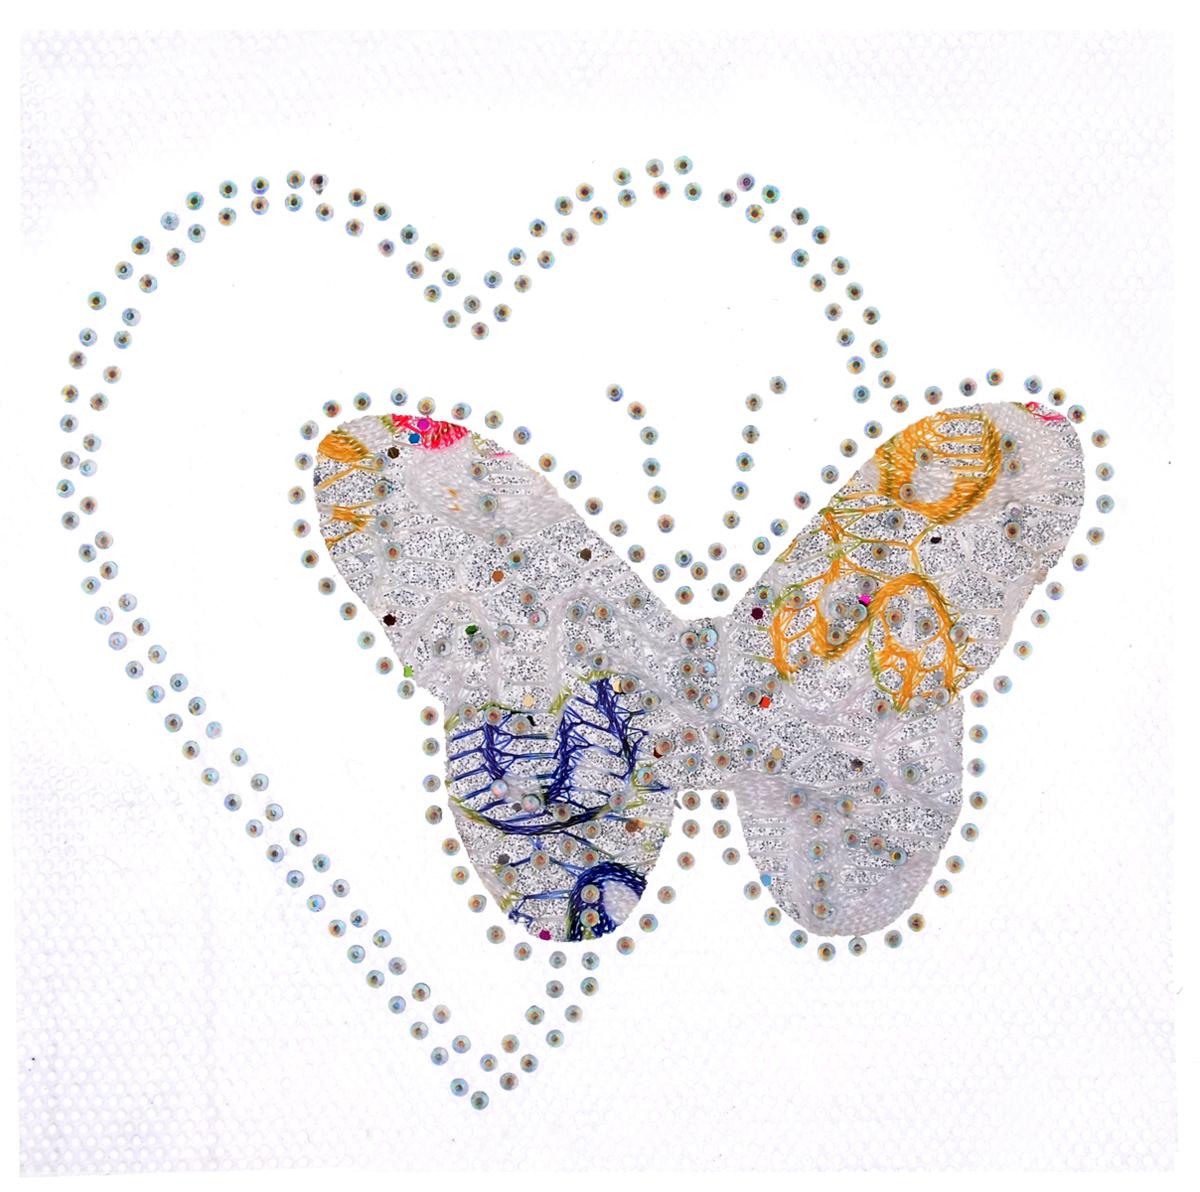 Термоаппликация Hobby&Pro Бабочка с сердцем, цвет: серебро, 10 х 10 см7713587_1 сереброКлеевая термоаппликация Hobby&Pro Бабочка с сердцем изготовлена из текстиля. Изделие оформлено сверкающими стразами и оригинальным узором. Термоаппликация с обратной стороны оснащена клеевым слоем, благодаря которому при помощи утюга вы сможете быстро и легко закрепить изделие на ткани. С такой термоаппликацией любая вещь станет особенной.